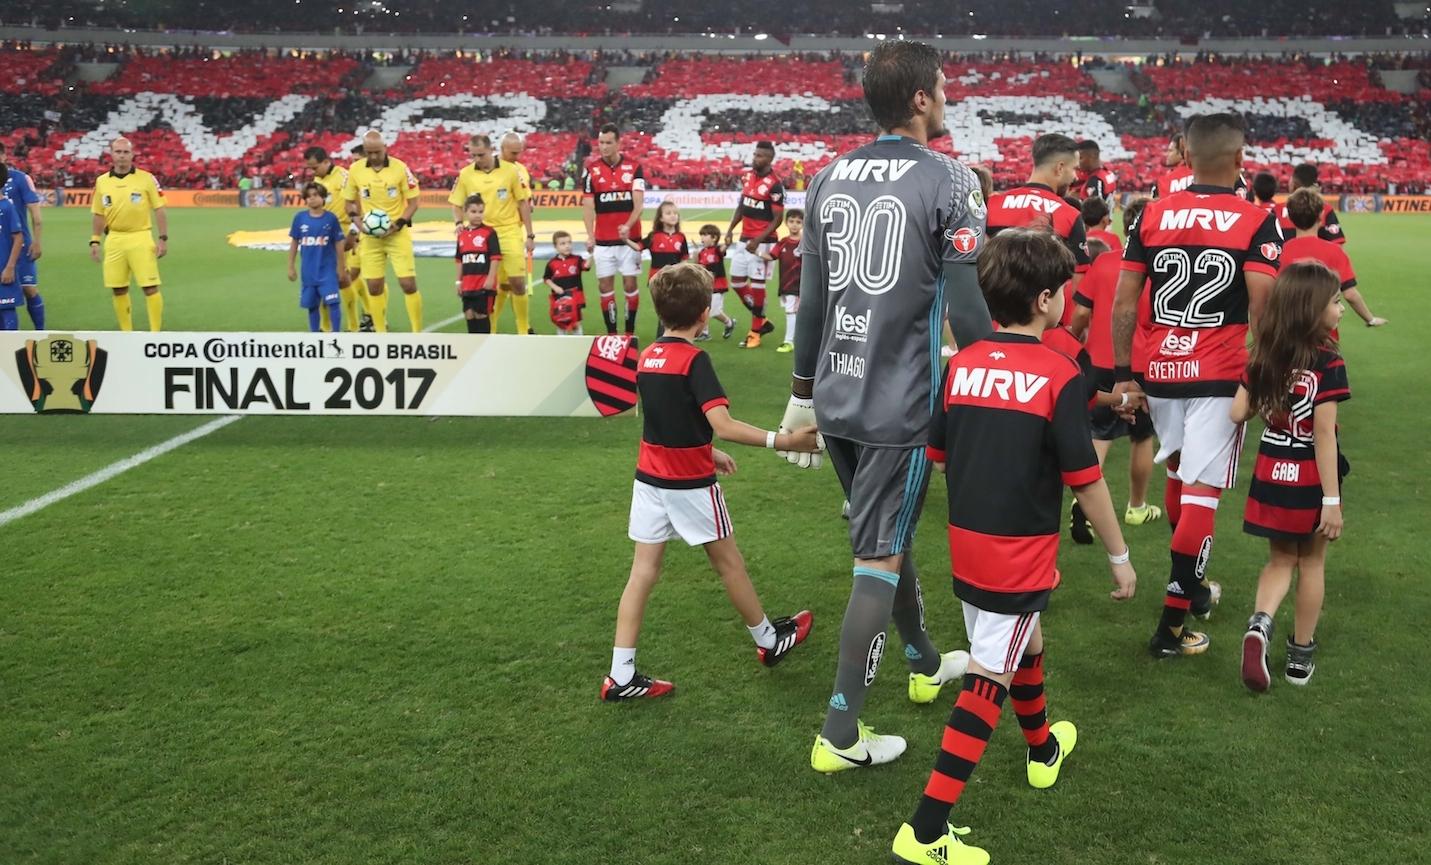 Flamengo x Cruzeiro no Maracanã, no feriado do dia 7 de setembro de 2017. Foto: Gilvan de Souza/Divulgação